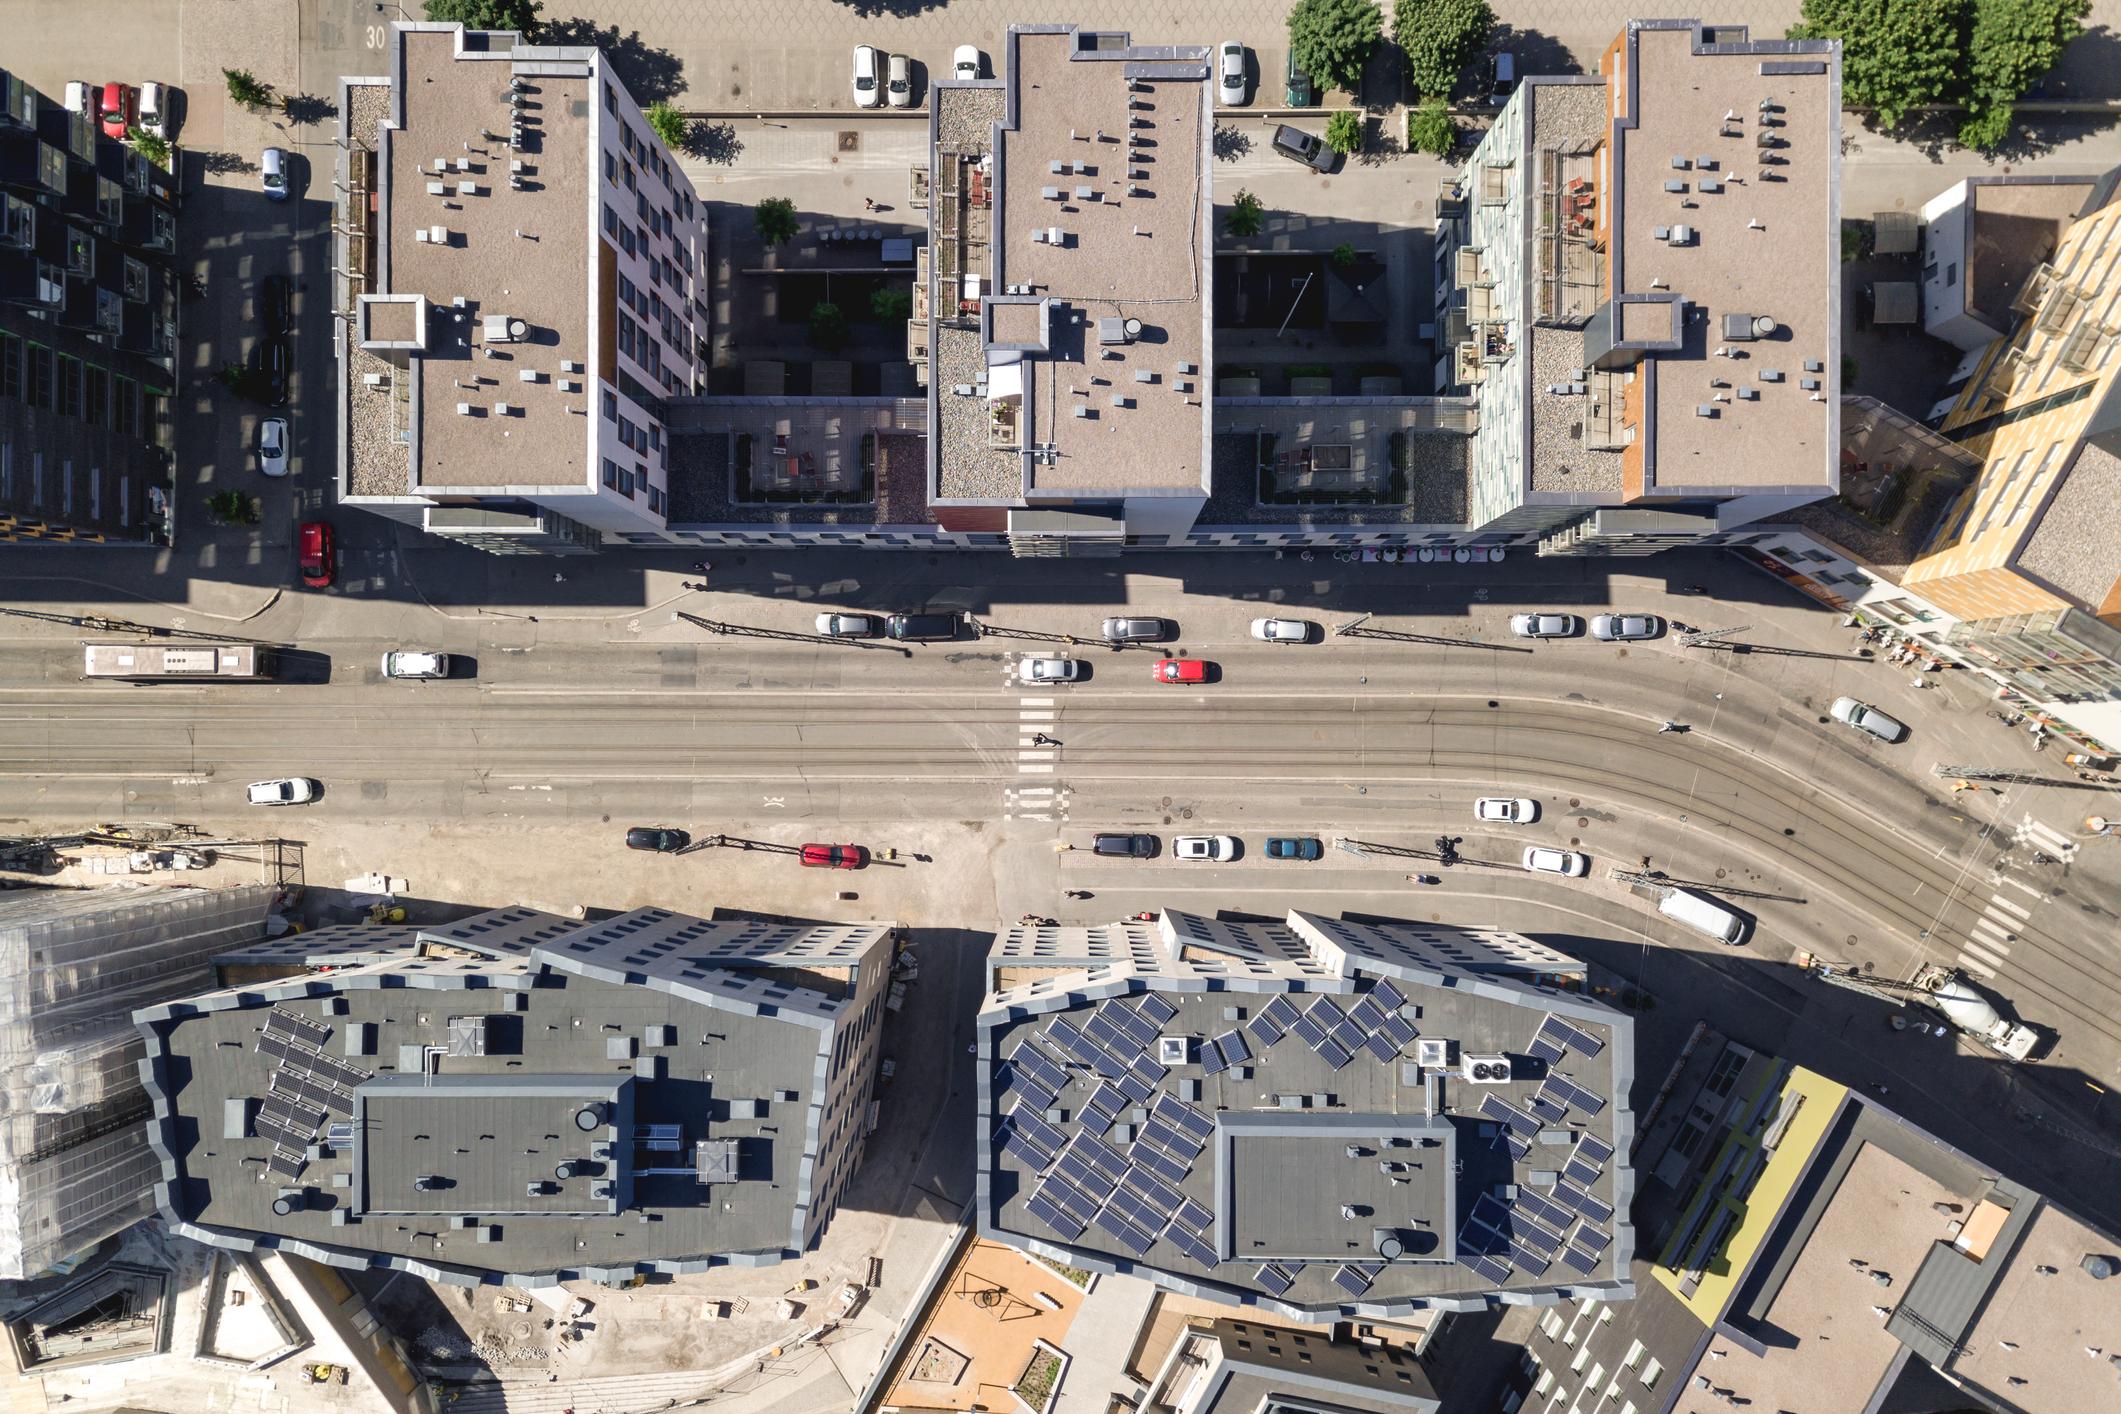 Kuvassa näkyy useita kerrostaloja ylhäältä päin kuvattuna.